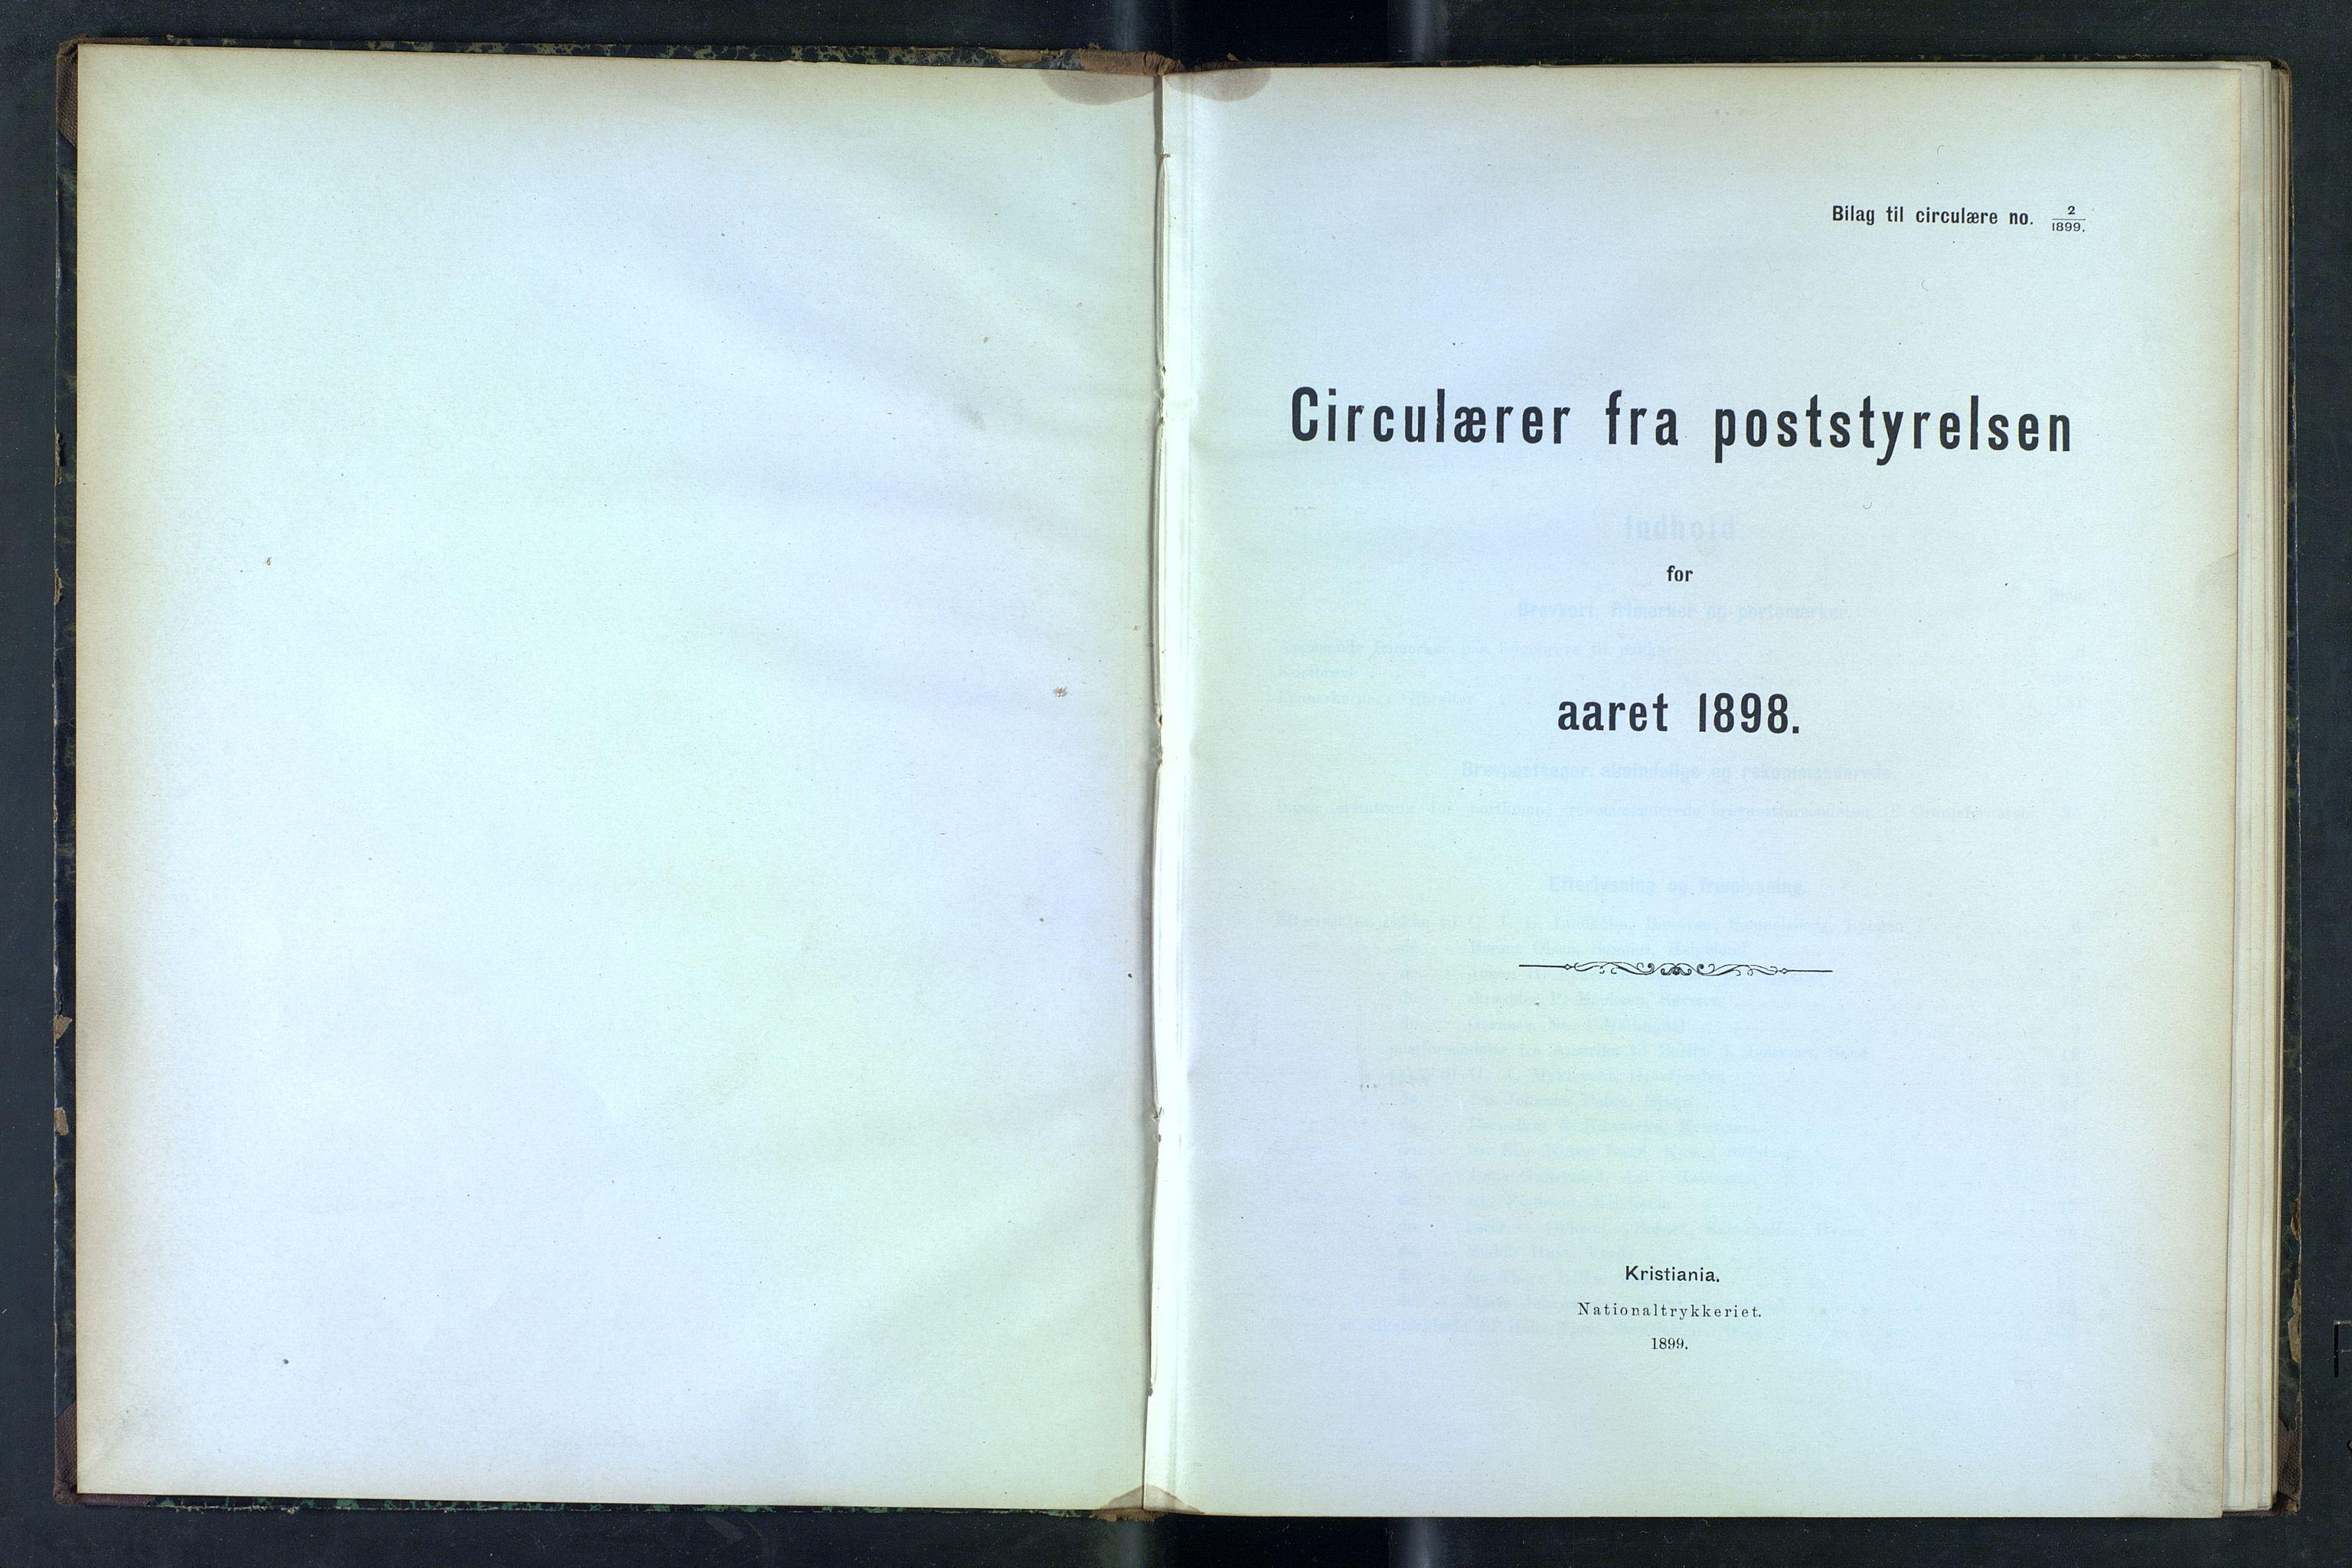 NOPO, Norges Postmuseums bibliotek, -/-: Sirkulærer fra Poststyrelsen, 1898